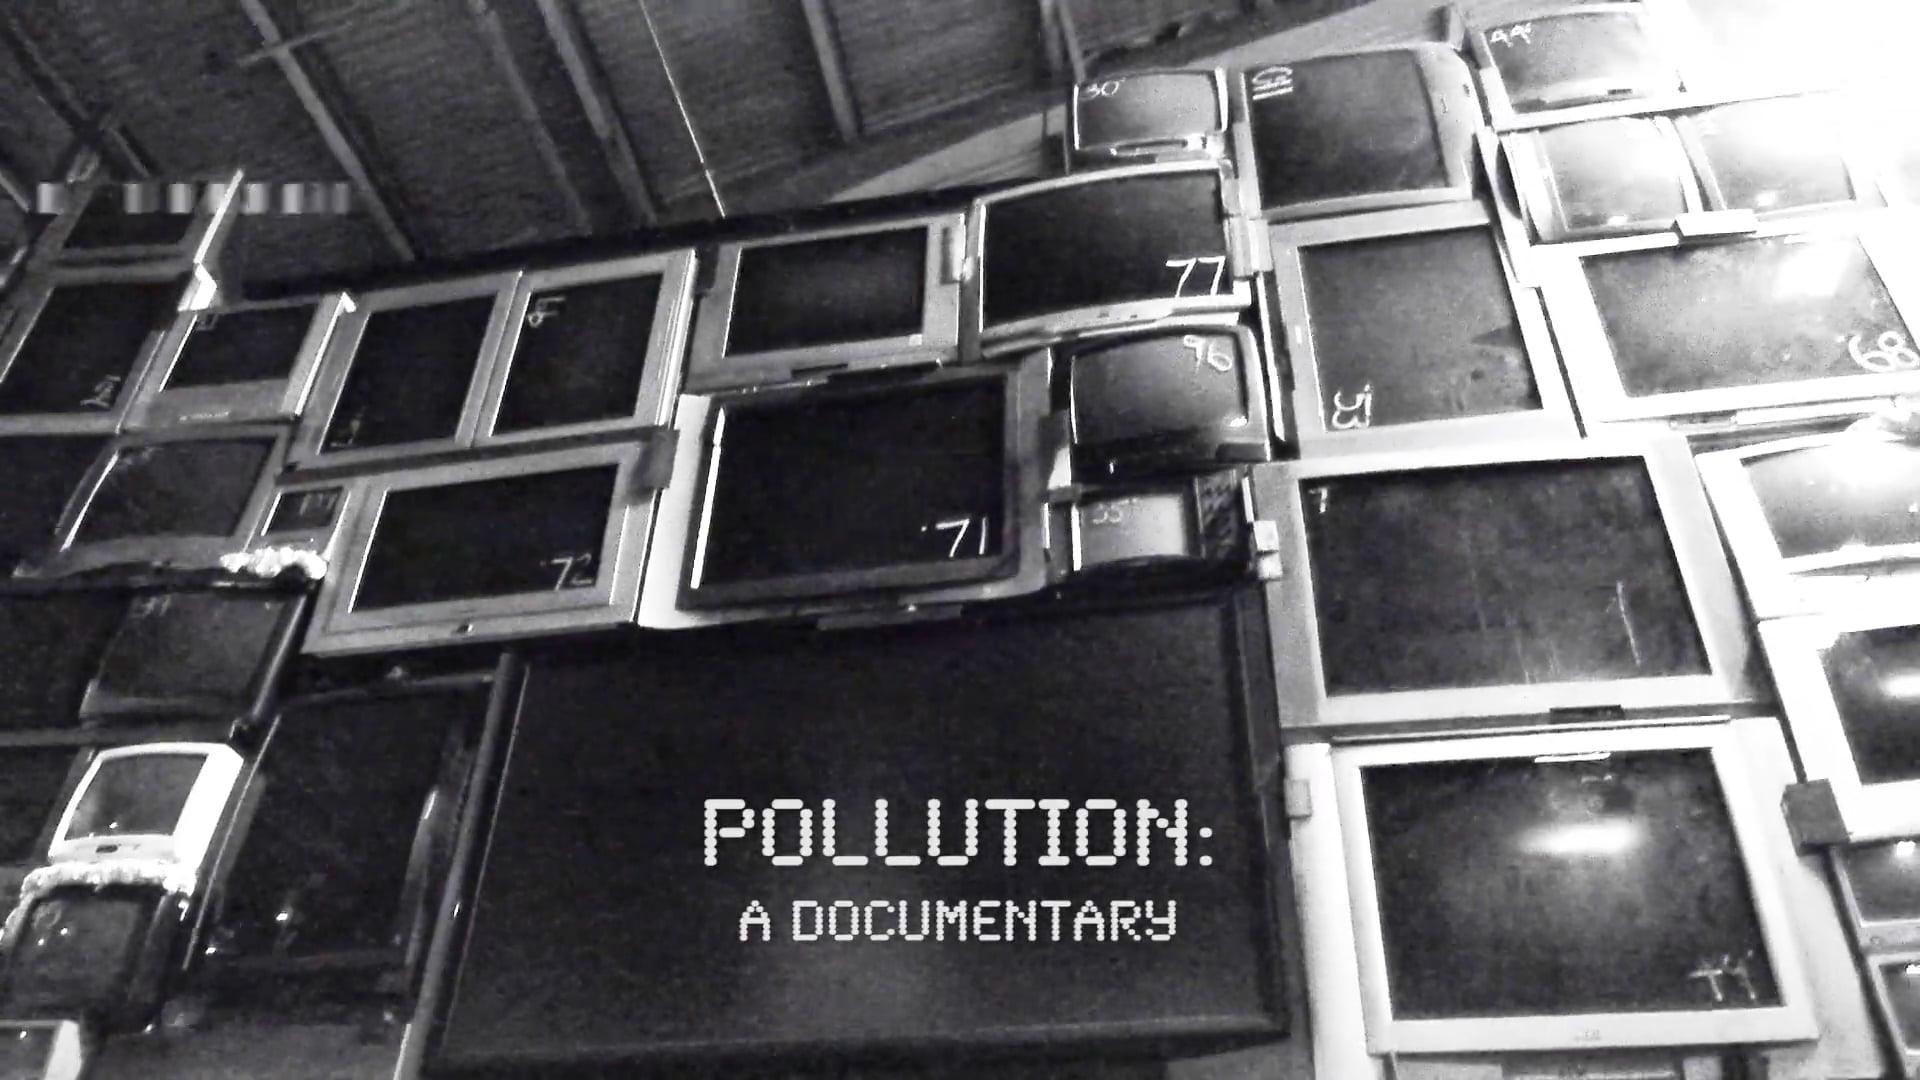 POLLUTION: a documentary